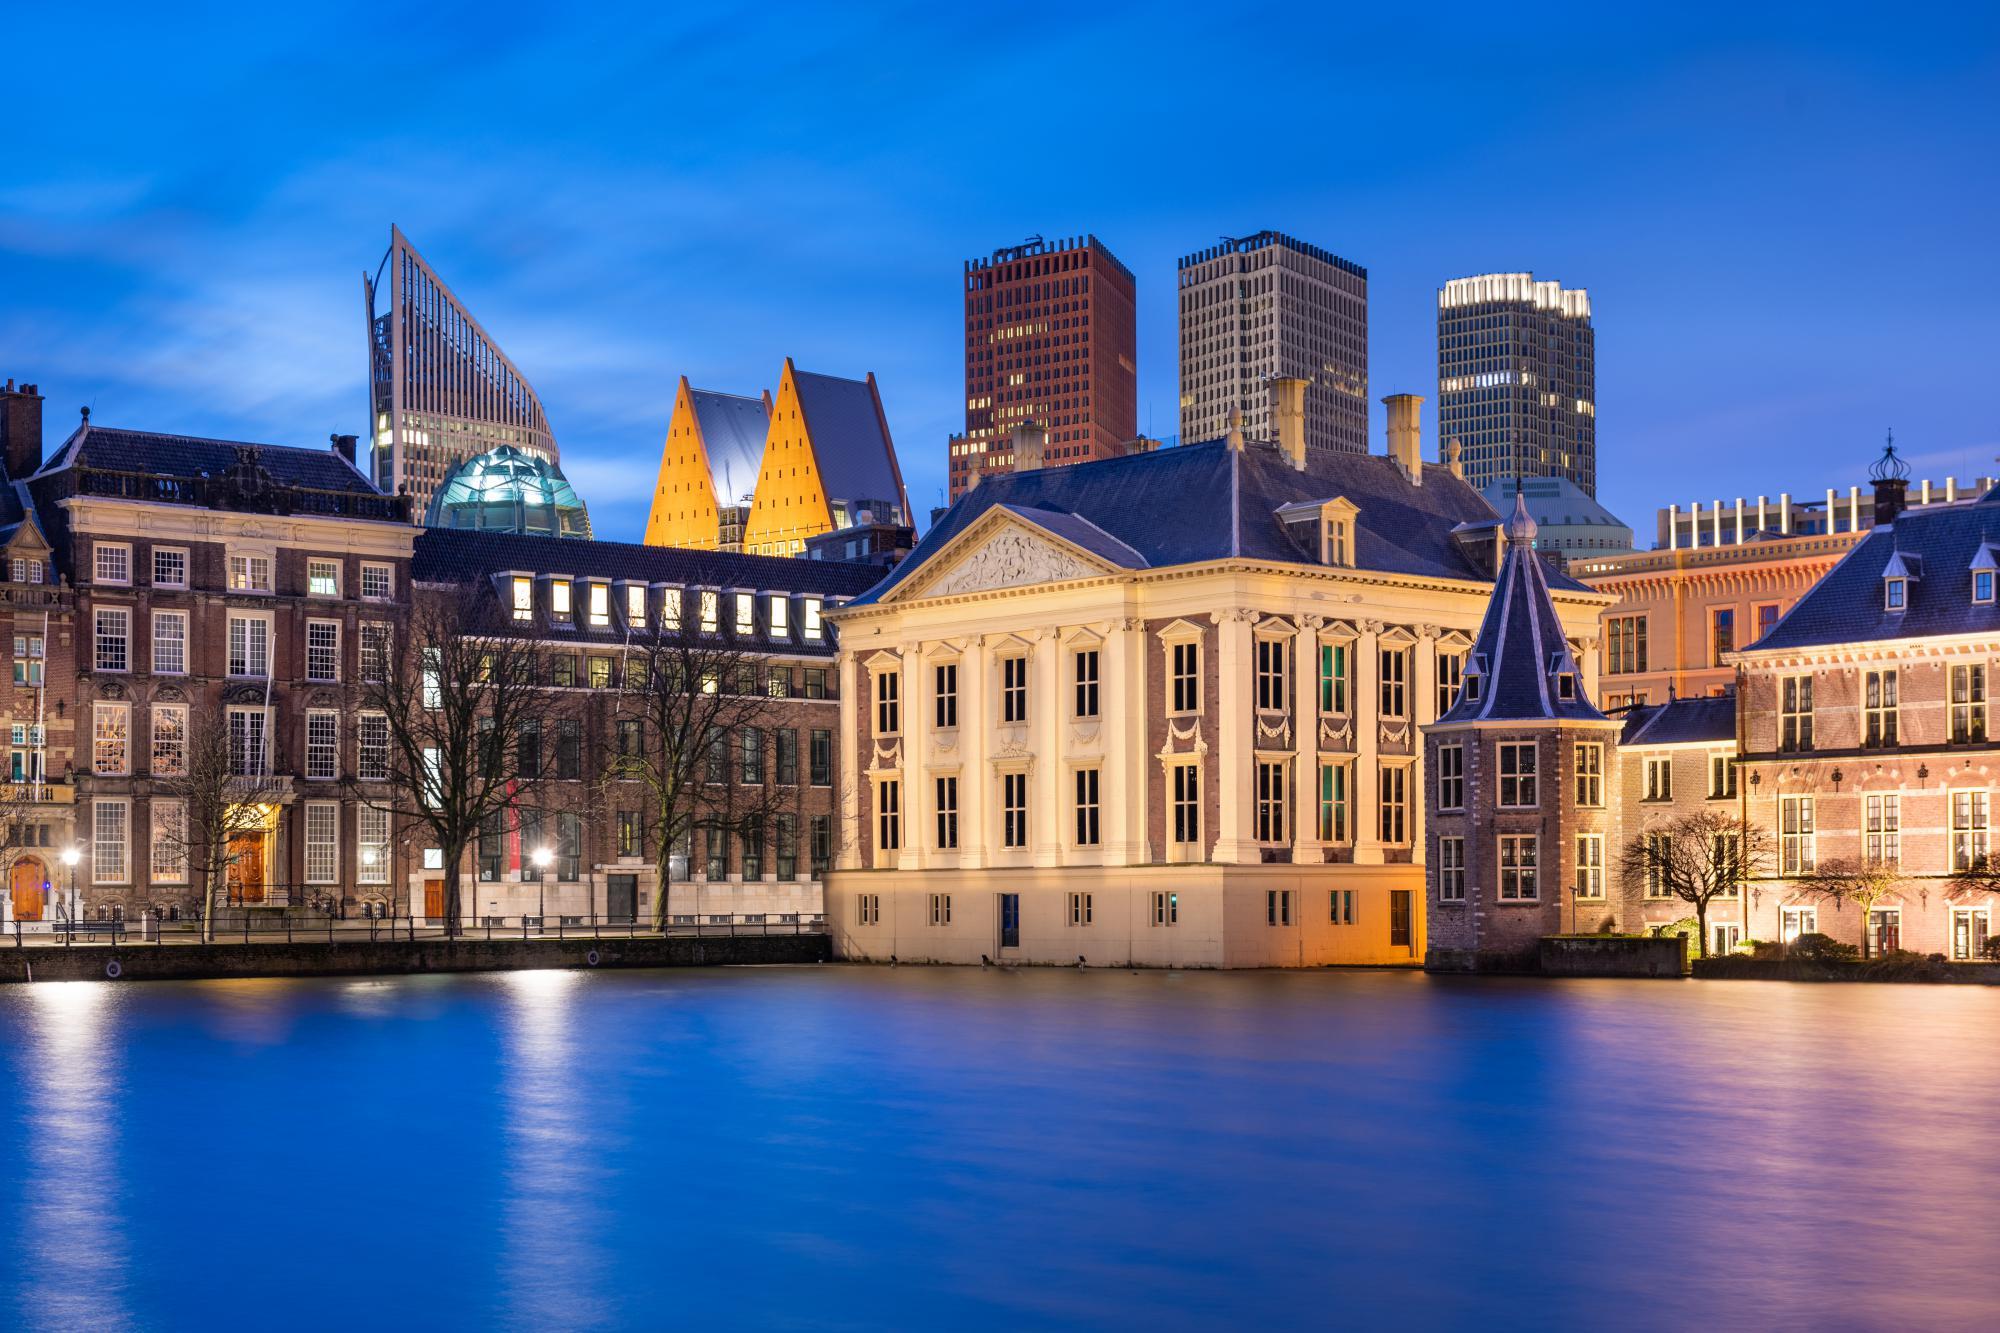 Нидерланды и Польша пересмотрели свое соглашение об избежании двойного налогообложения